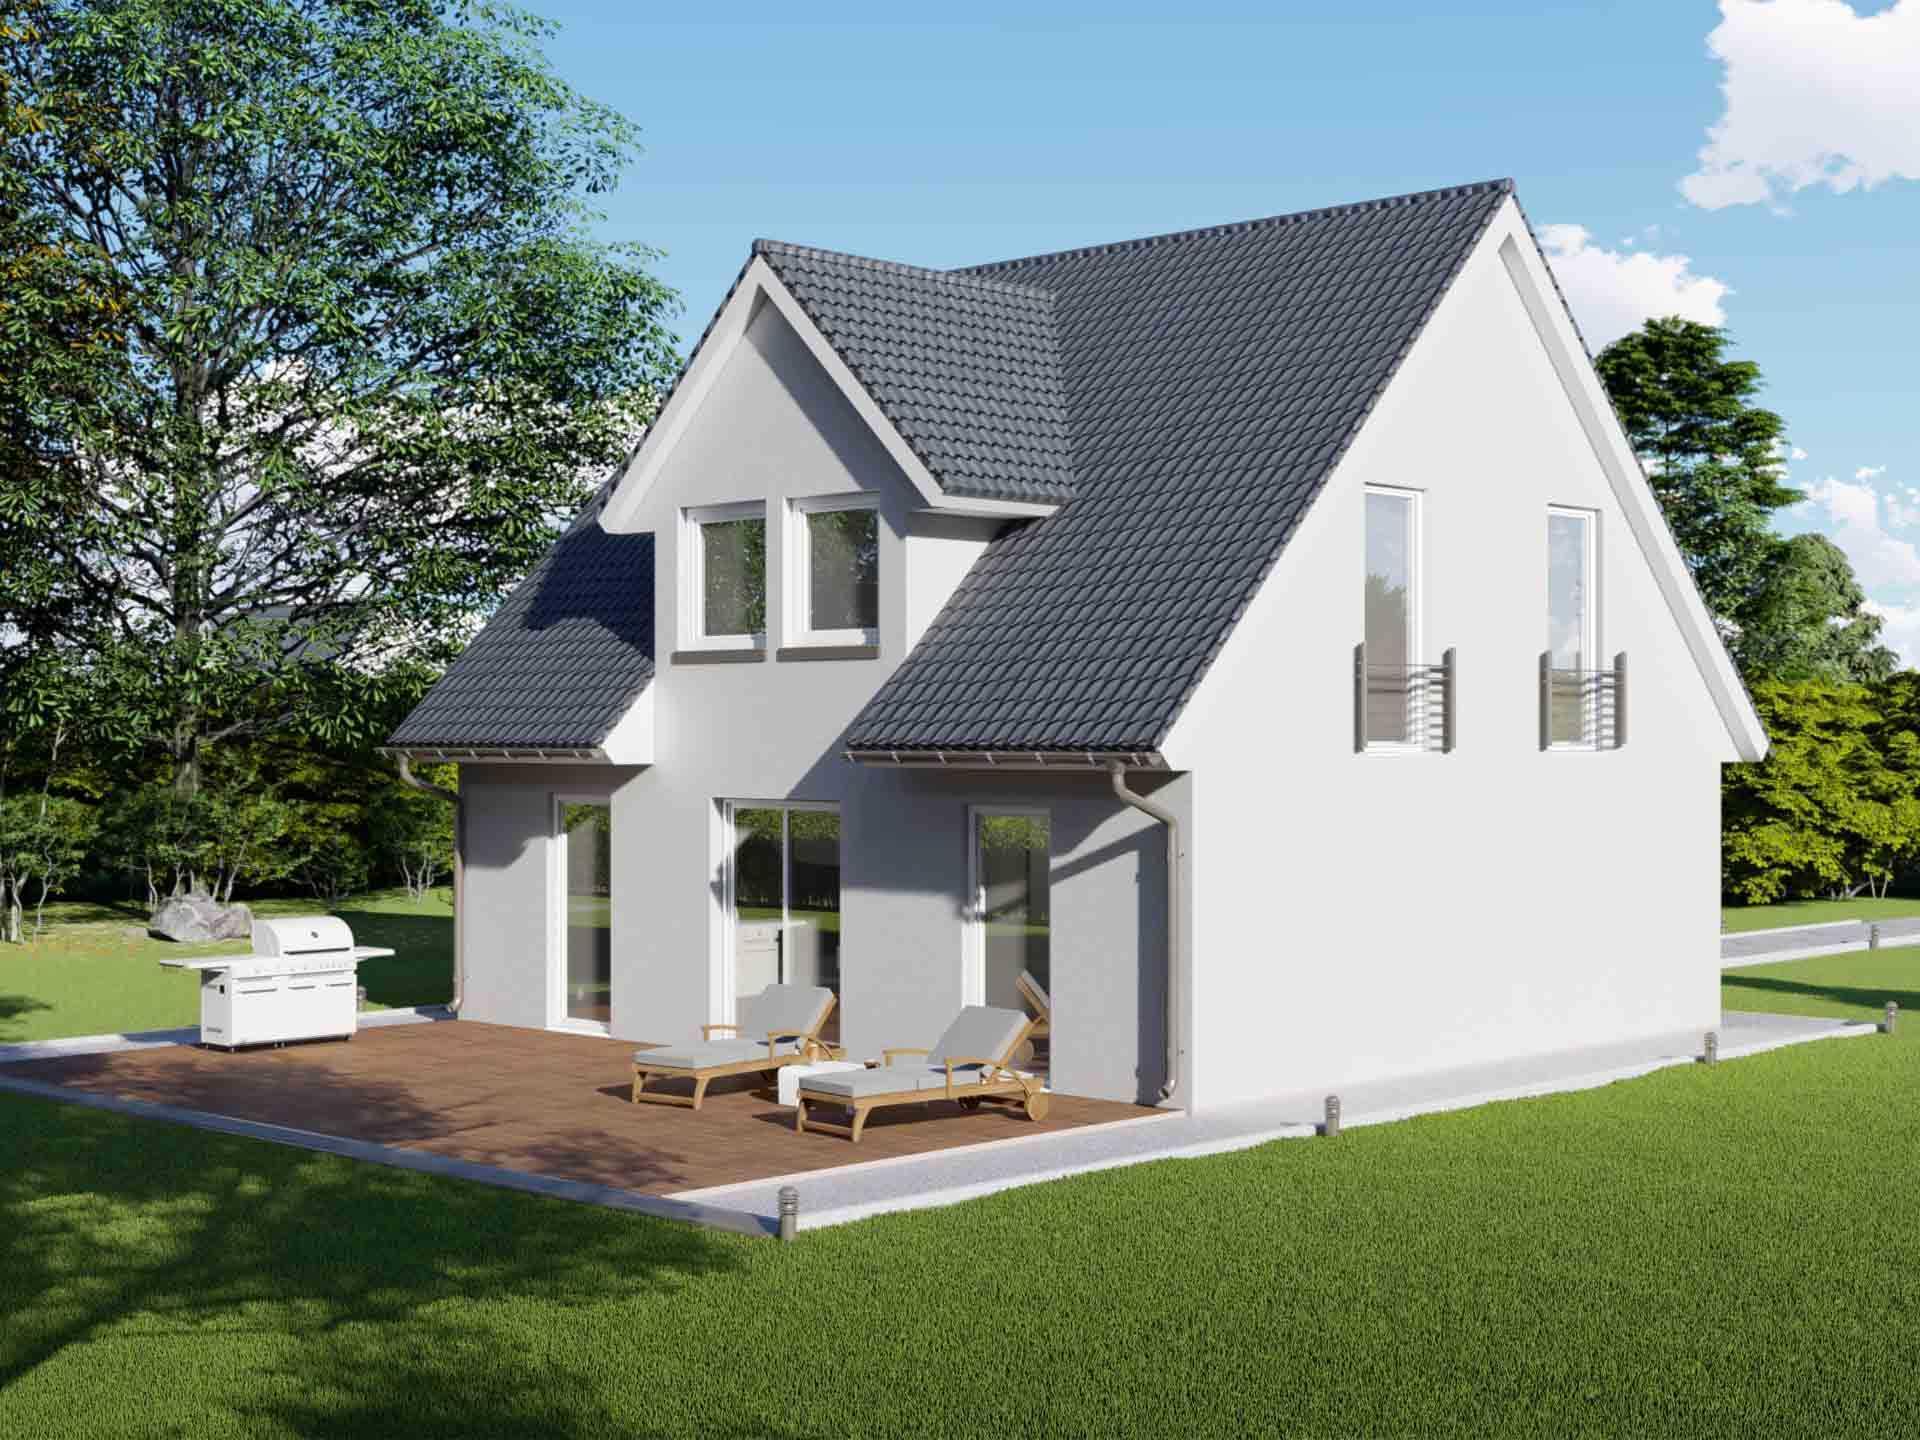 Einfamilienhaus mit 125 qm² und Trapezgaube - VODIES Massivhaus